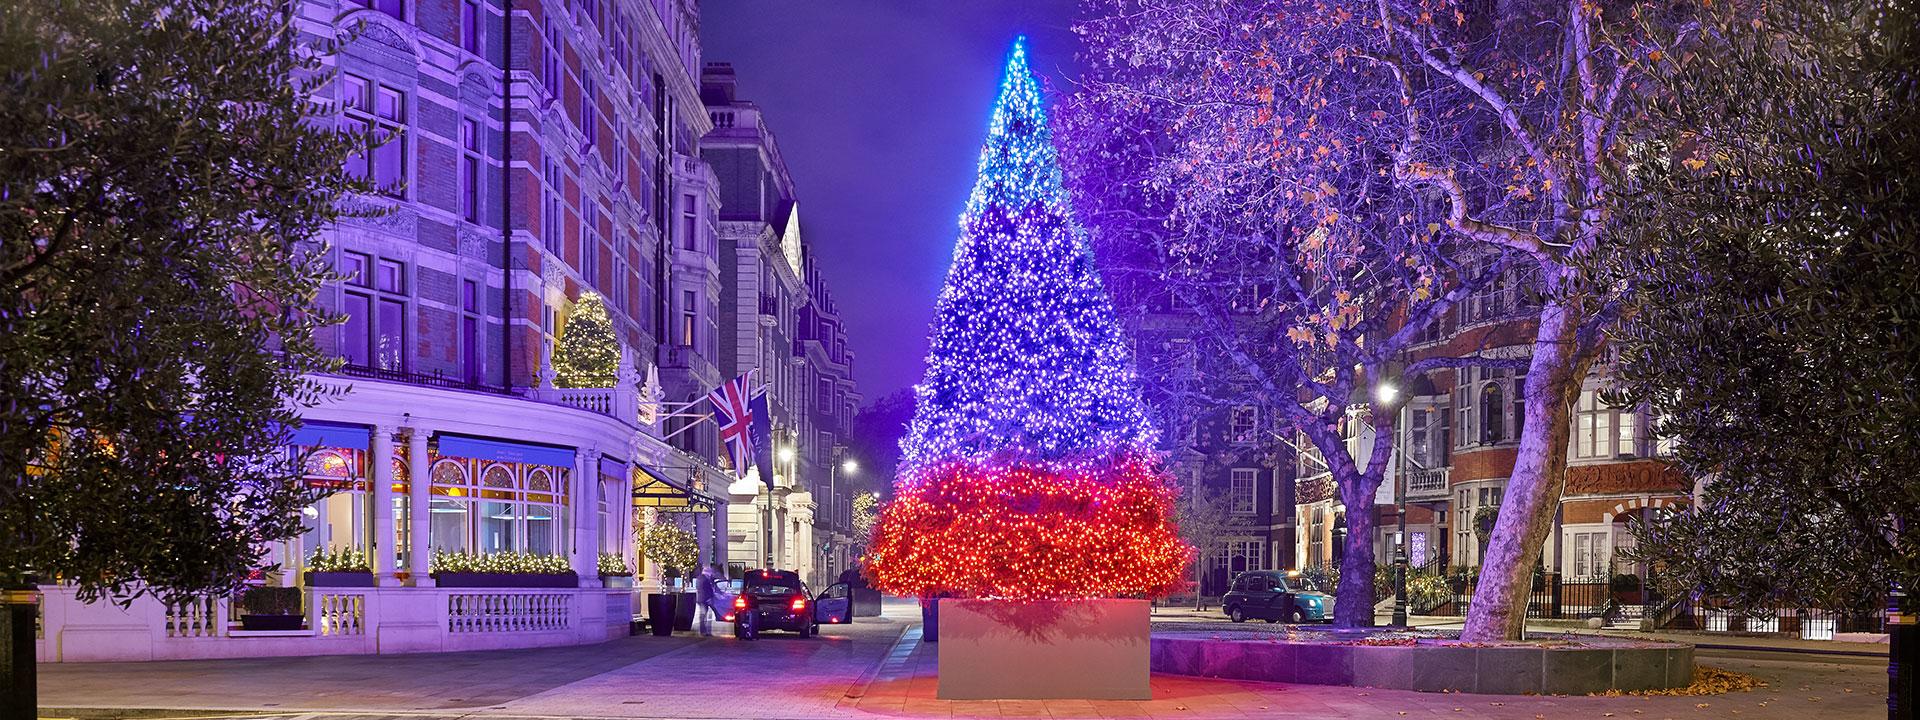 christmas-tree-2018-hero.jpg